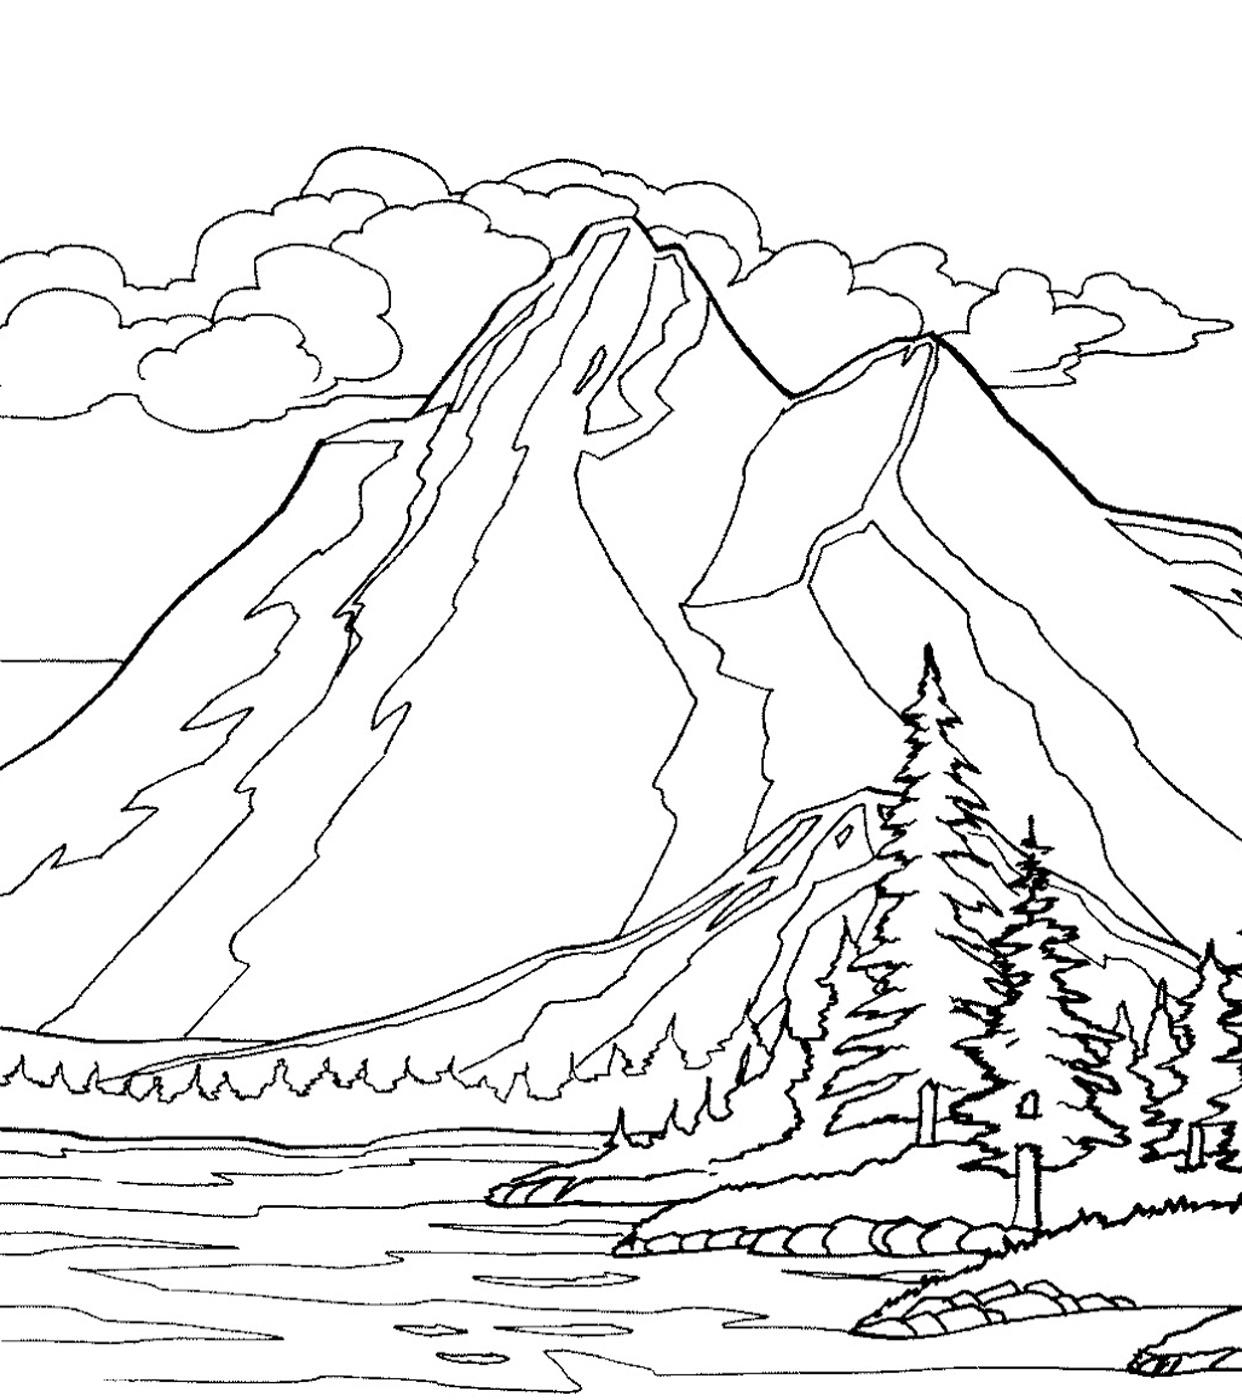 Gambar Mewarnai Gunung Dan Rumah